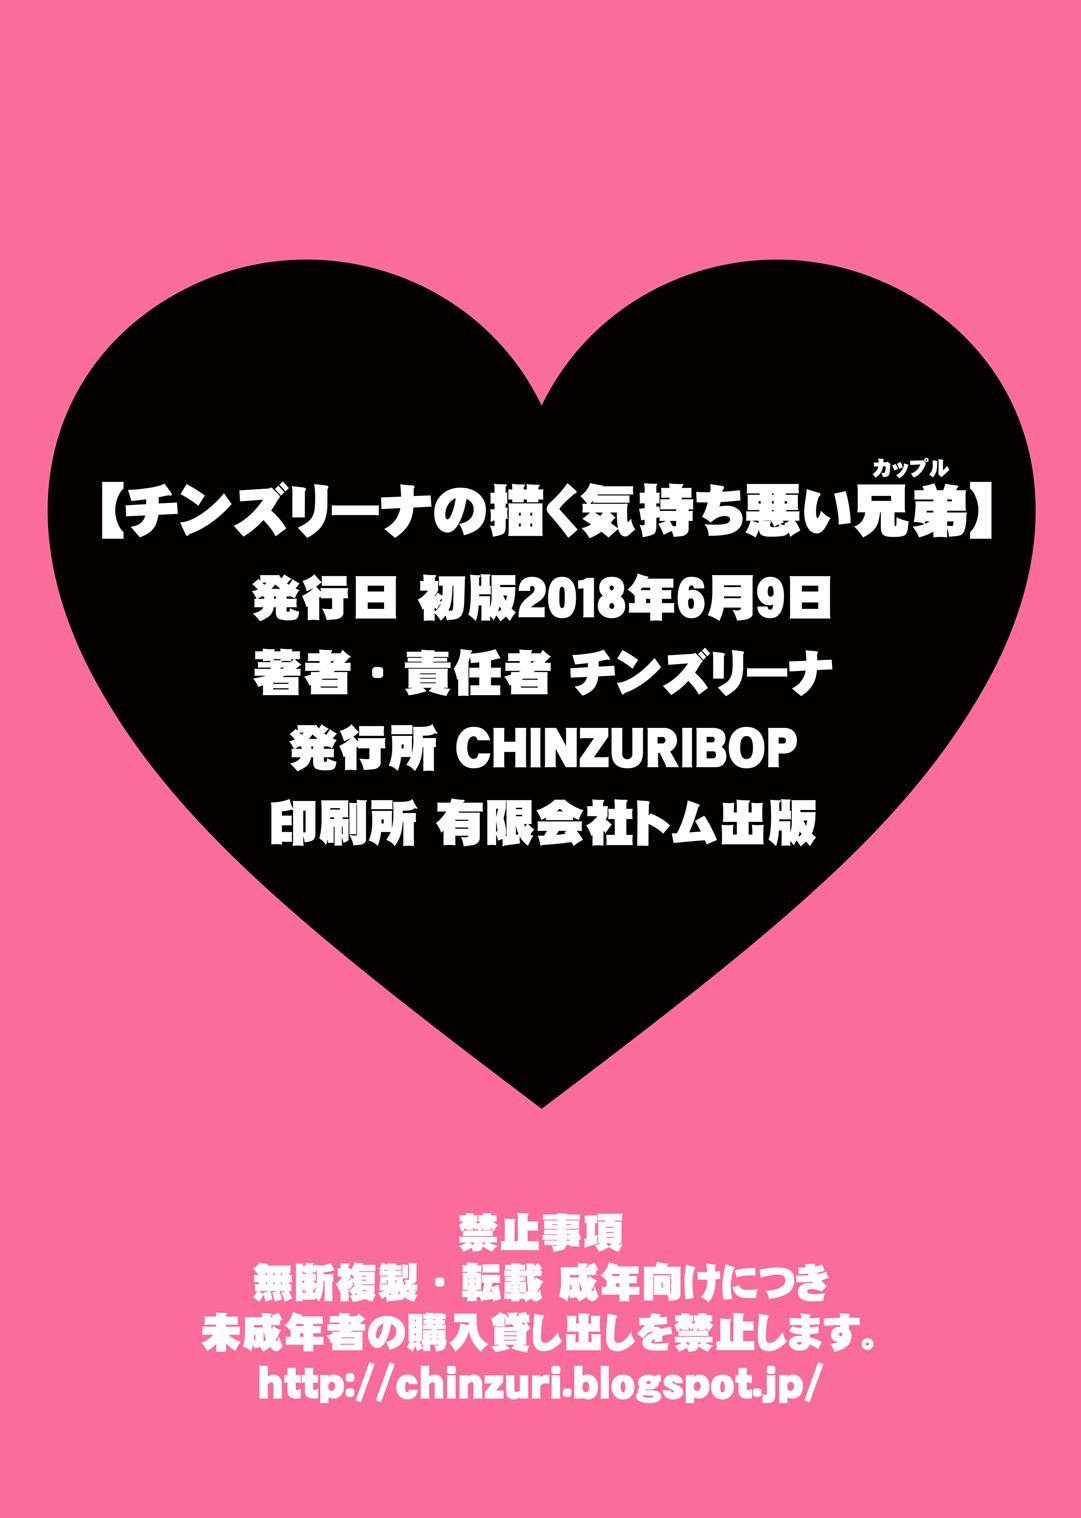 Chinzurena no Kaku Kimochi Warui Couple | Chinzurena's Nasty Brothers 19